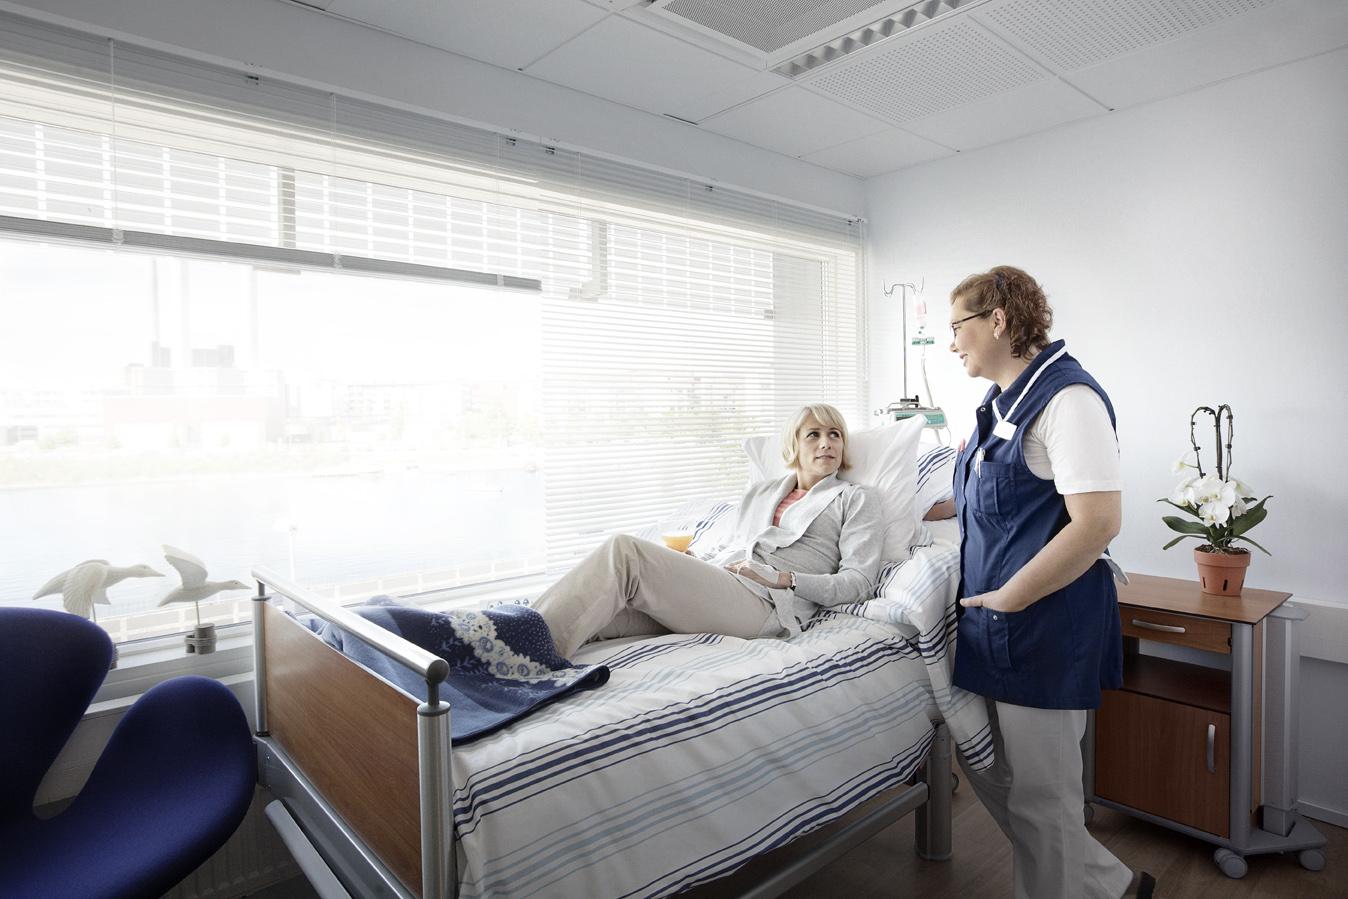 Пациенты в палате картинки